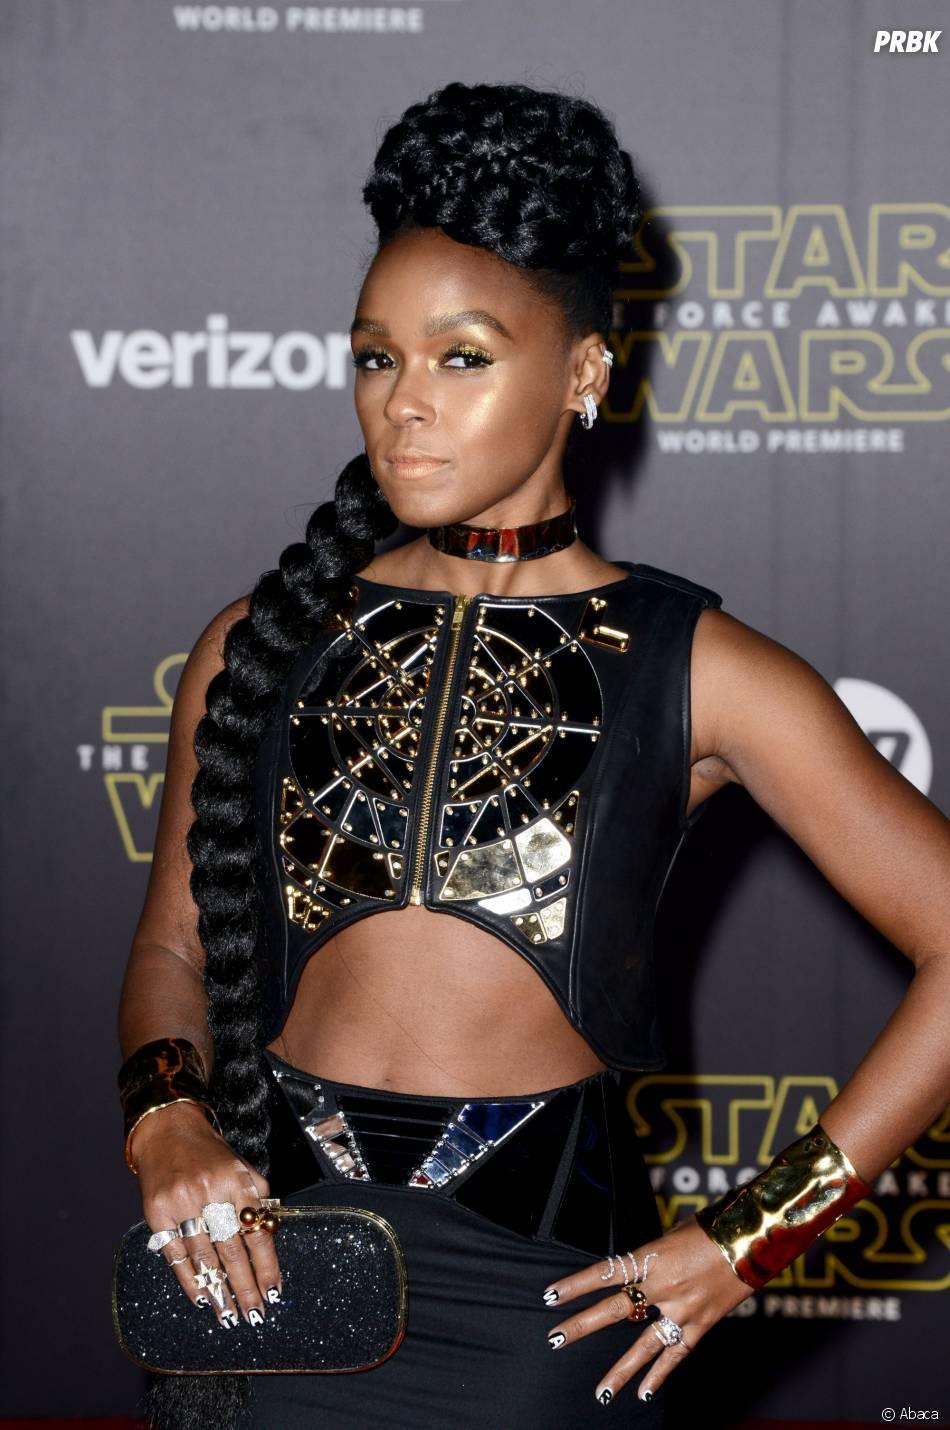 Janelle Monae à l'avant-première de Star Wars 7, le 14 décembre 2015 à Los Angeles